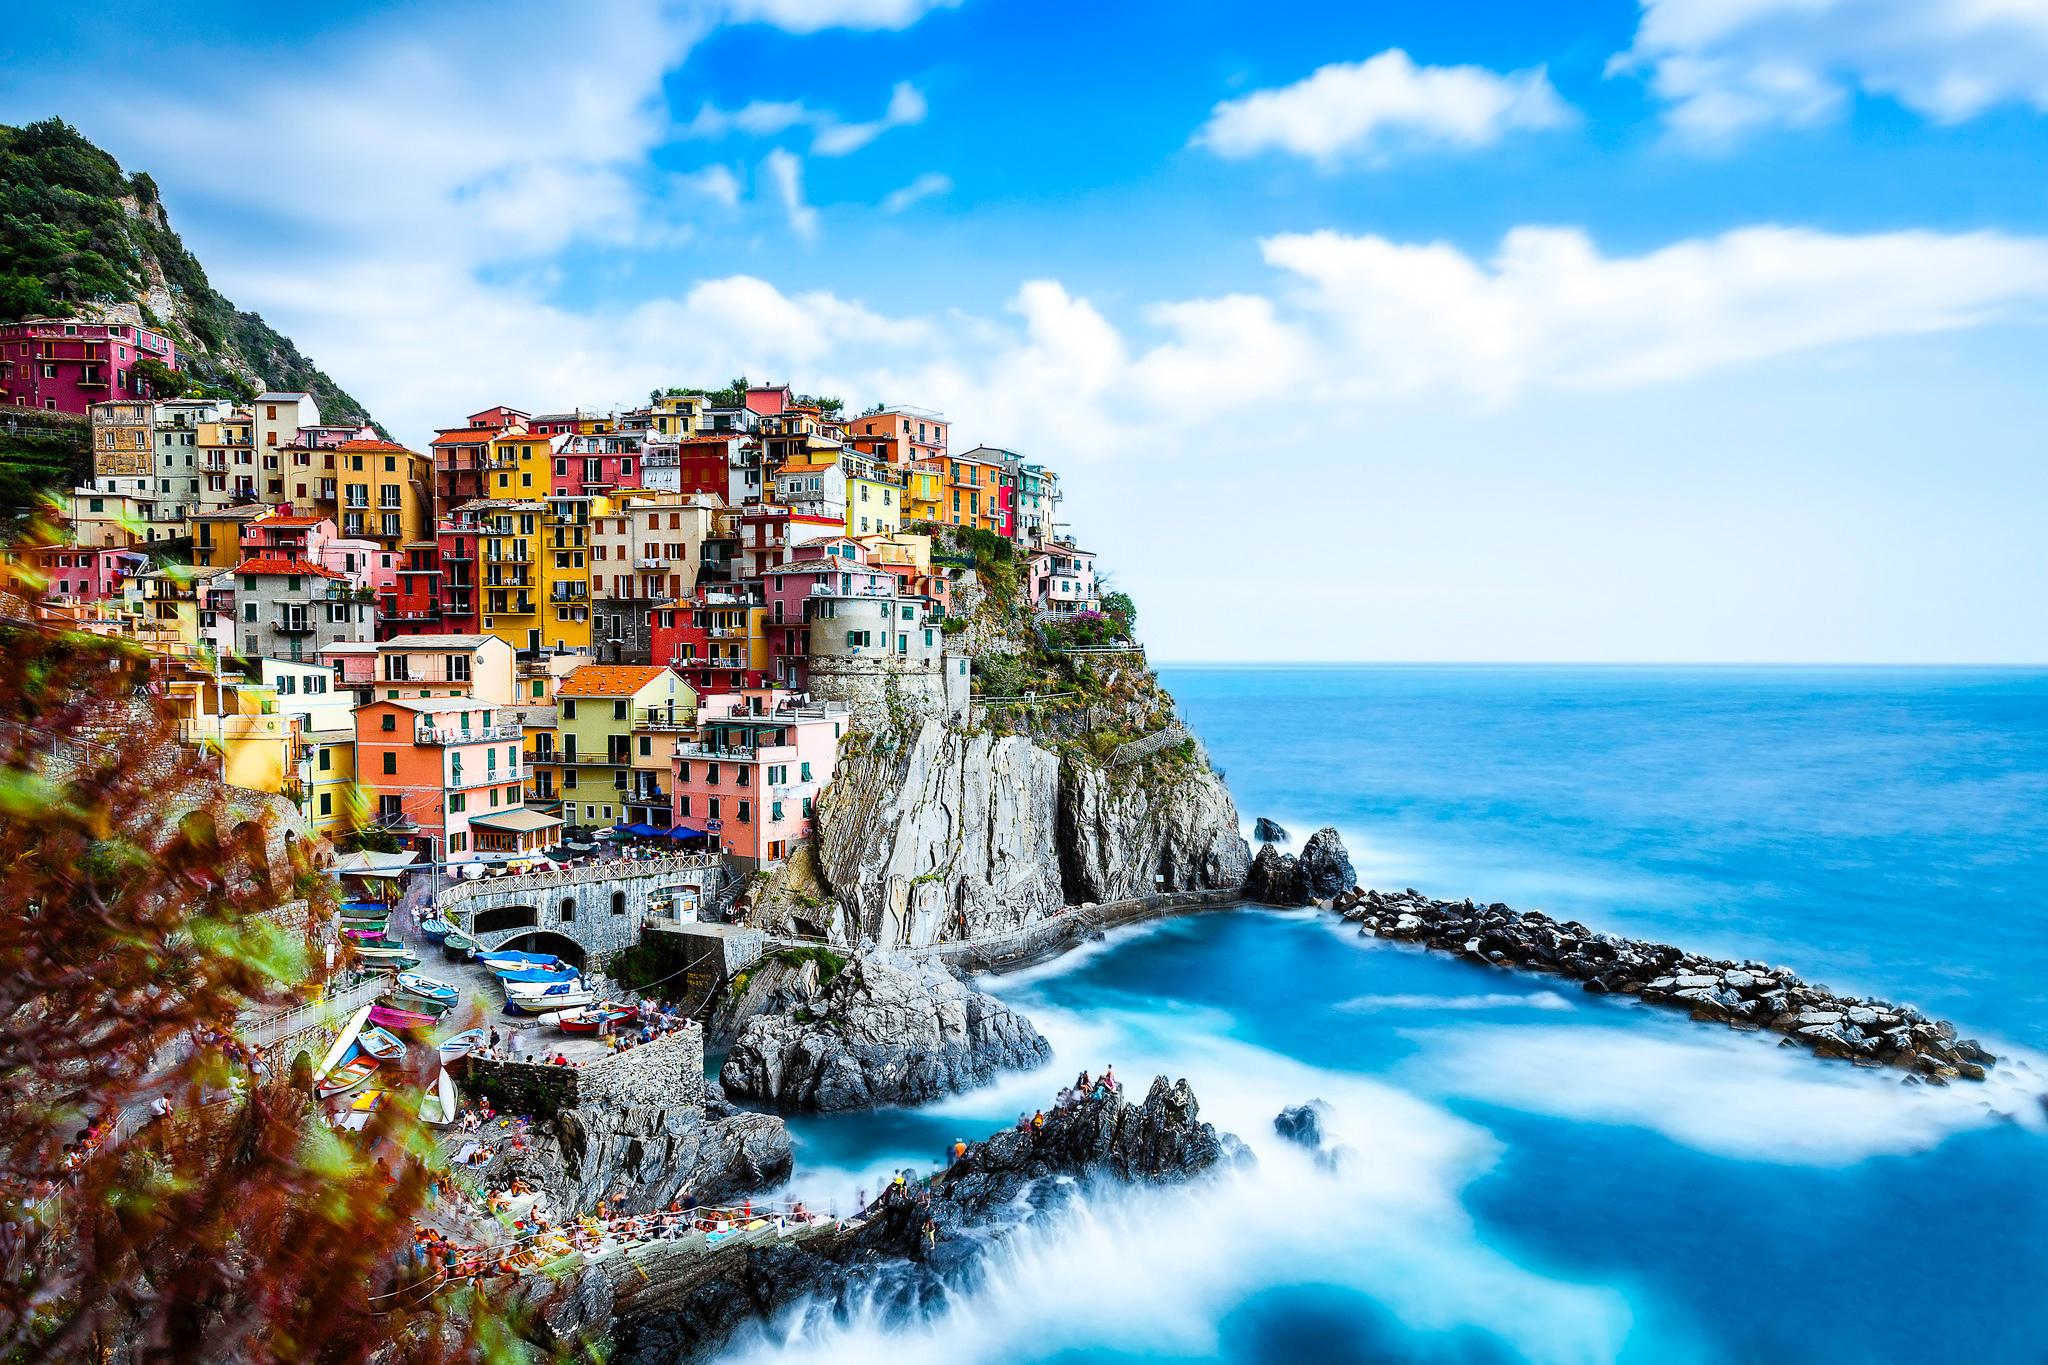 италия пляжи обои на рабочий стол № 507103 загрузить